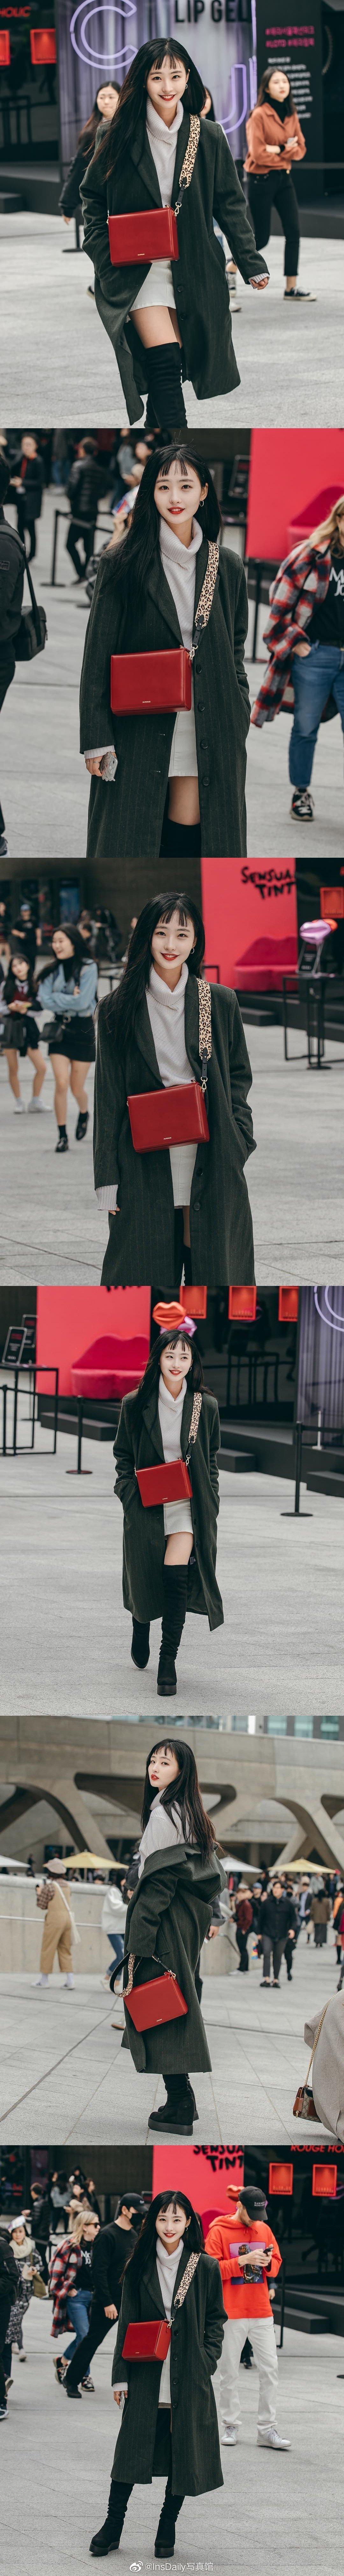 2019年首尔时装周街拍 全是可以出道的水平!